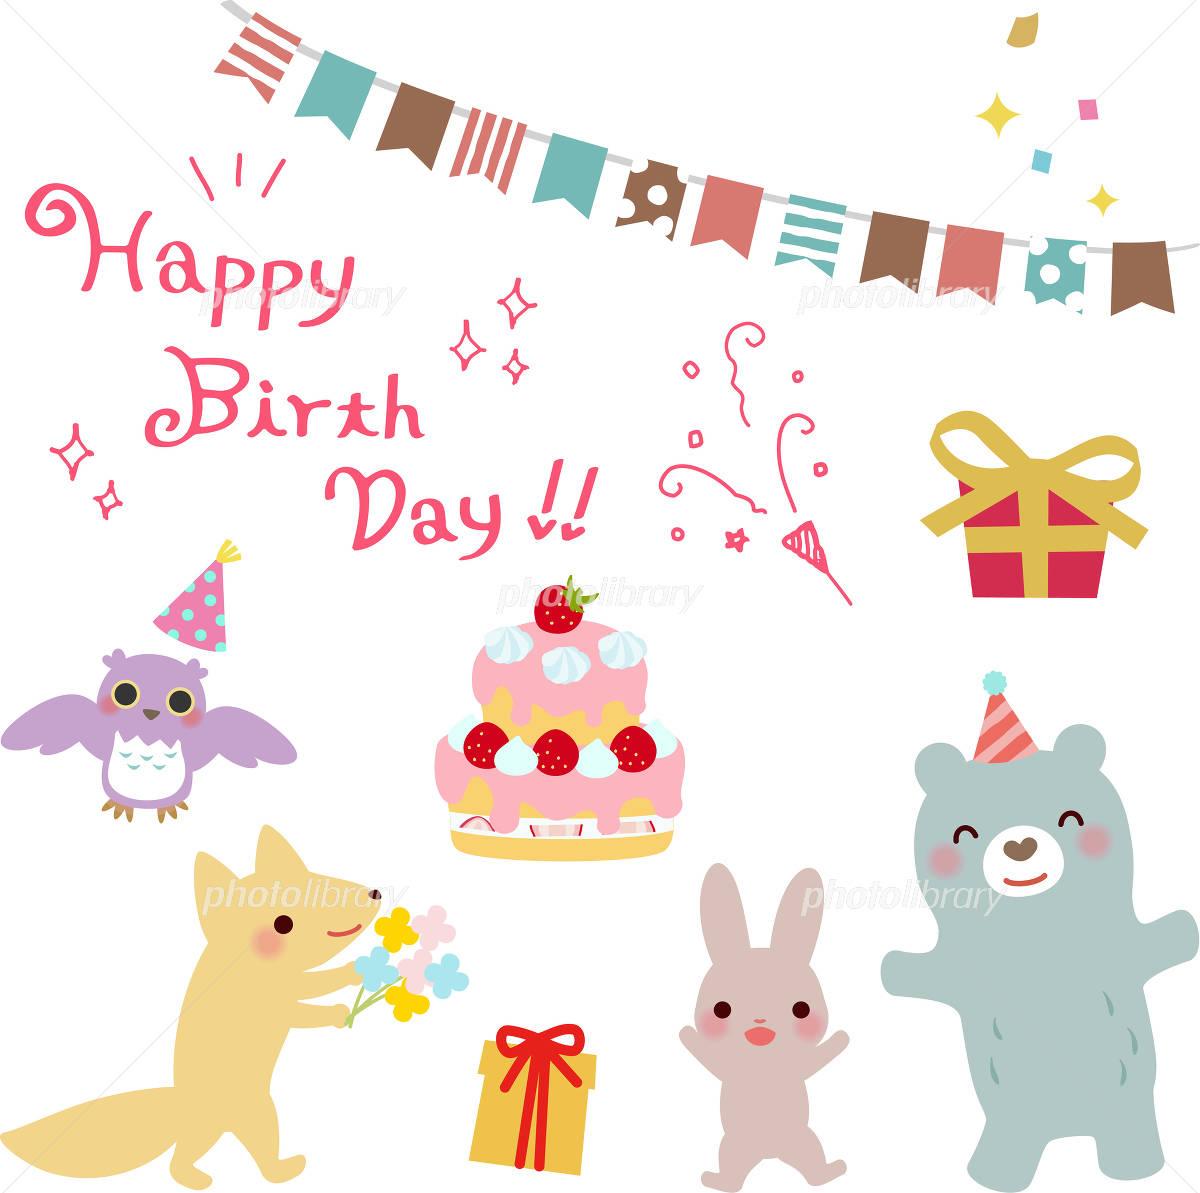 動物たちの誕生日会 イラスト素材 3575896 フォトライブラリー